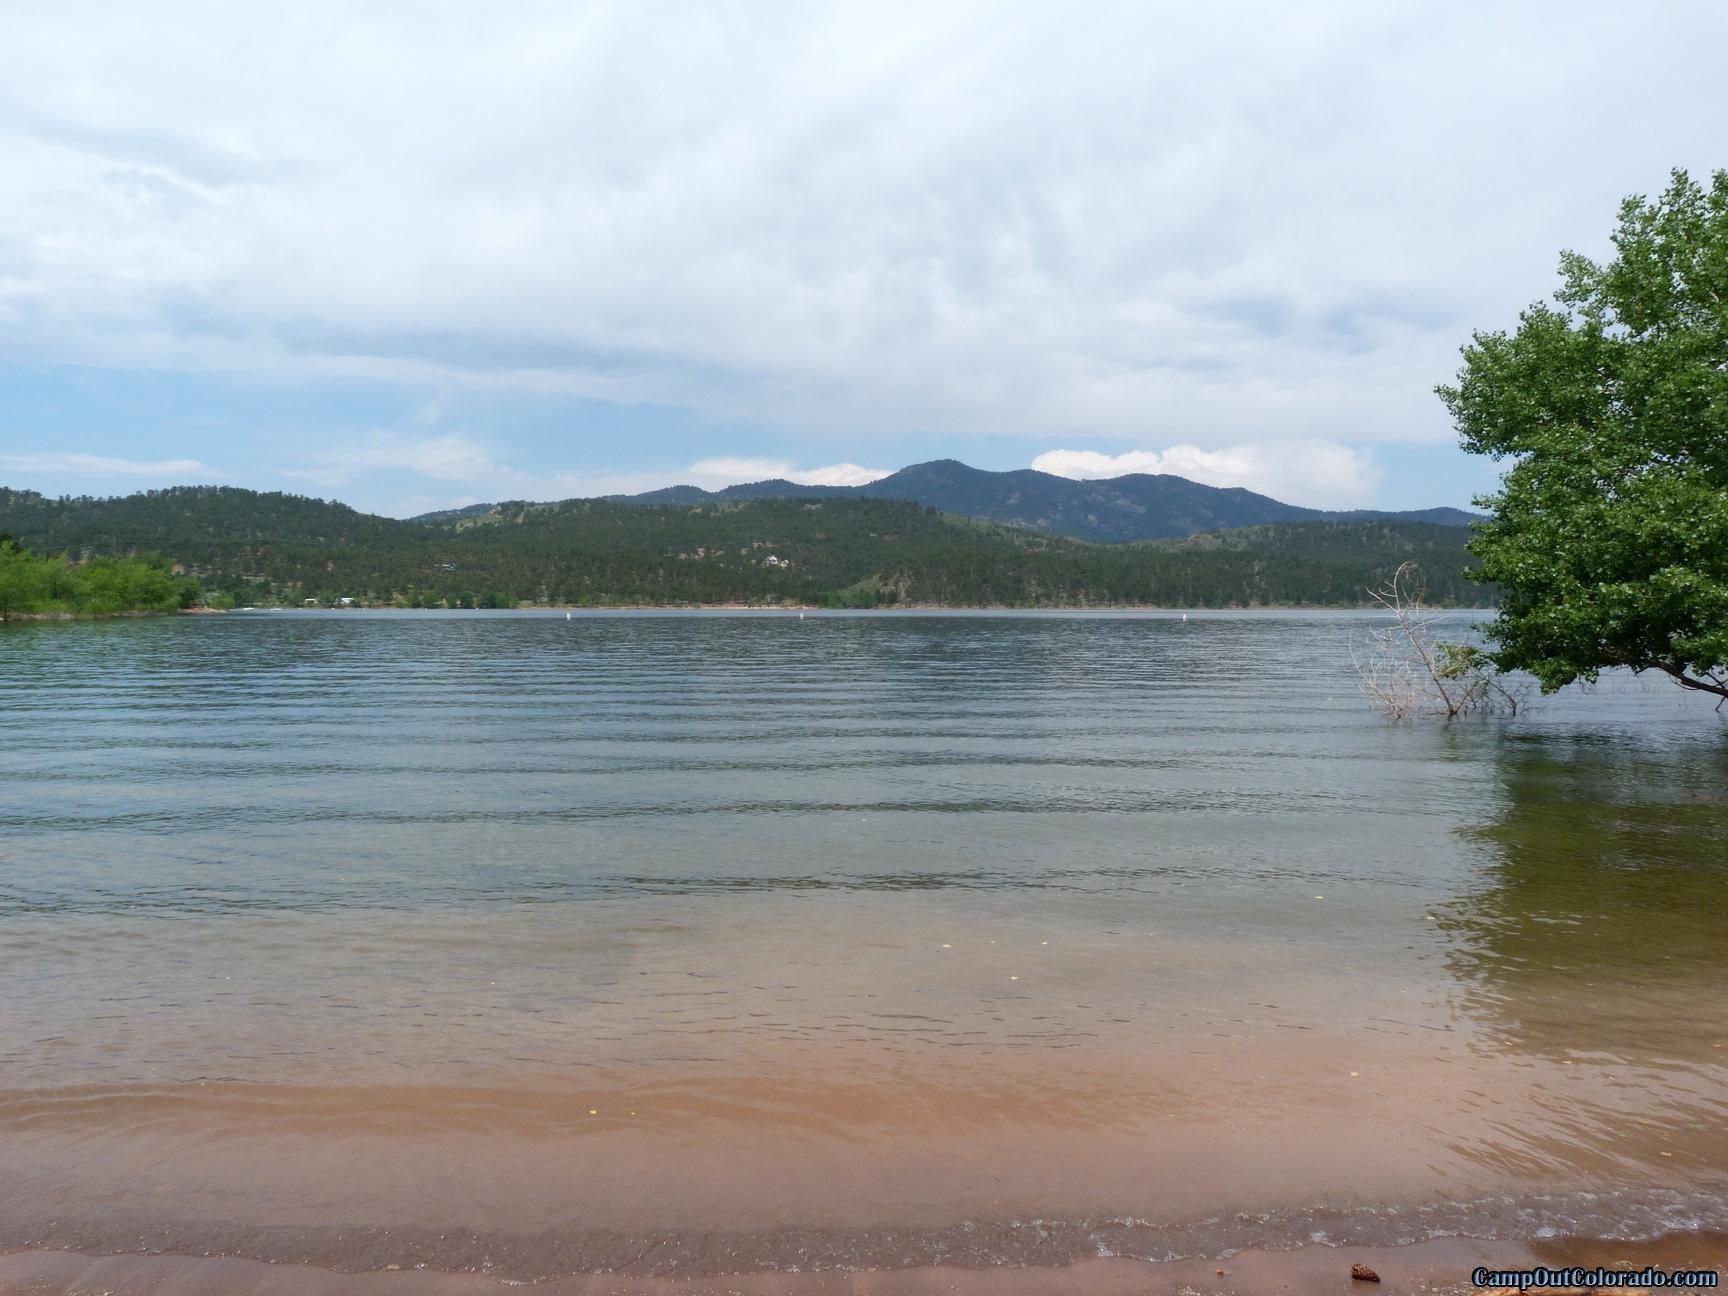 camp-out-colorado-carter-lake-scuba